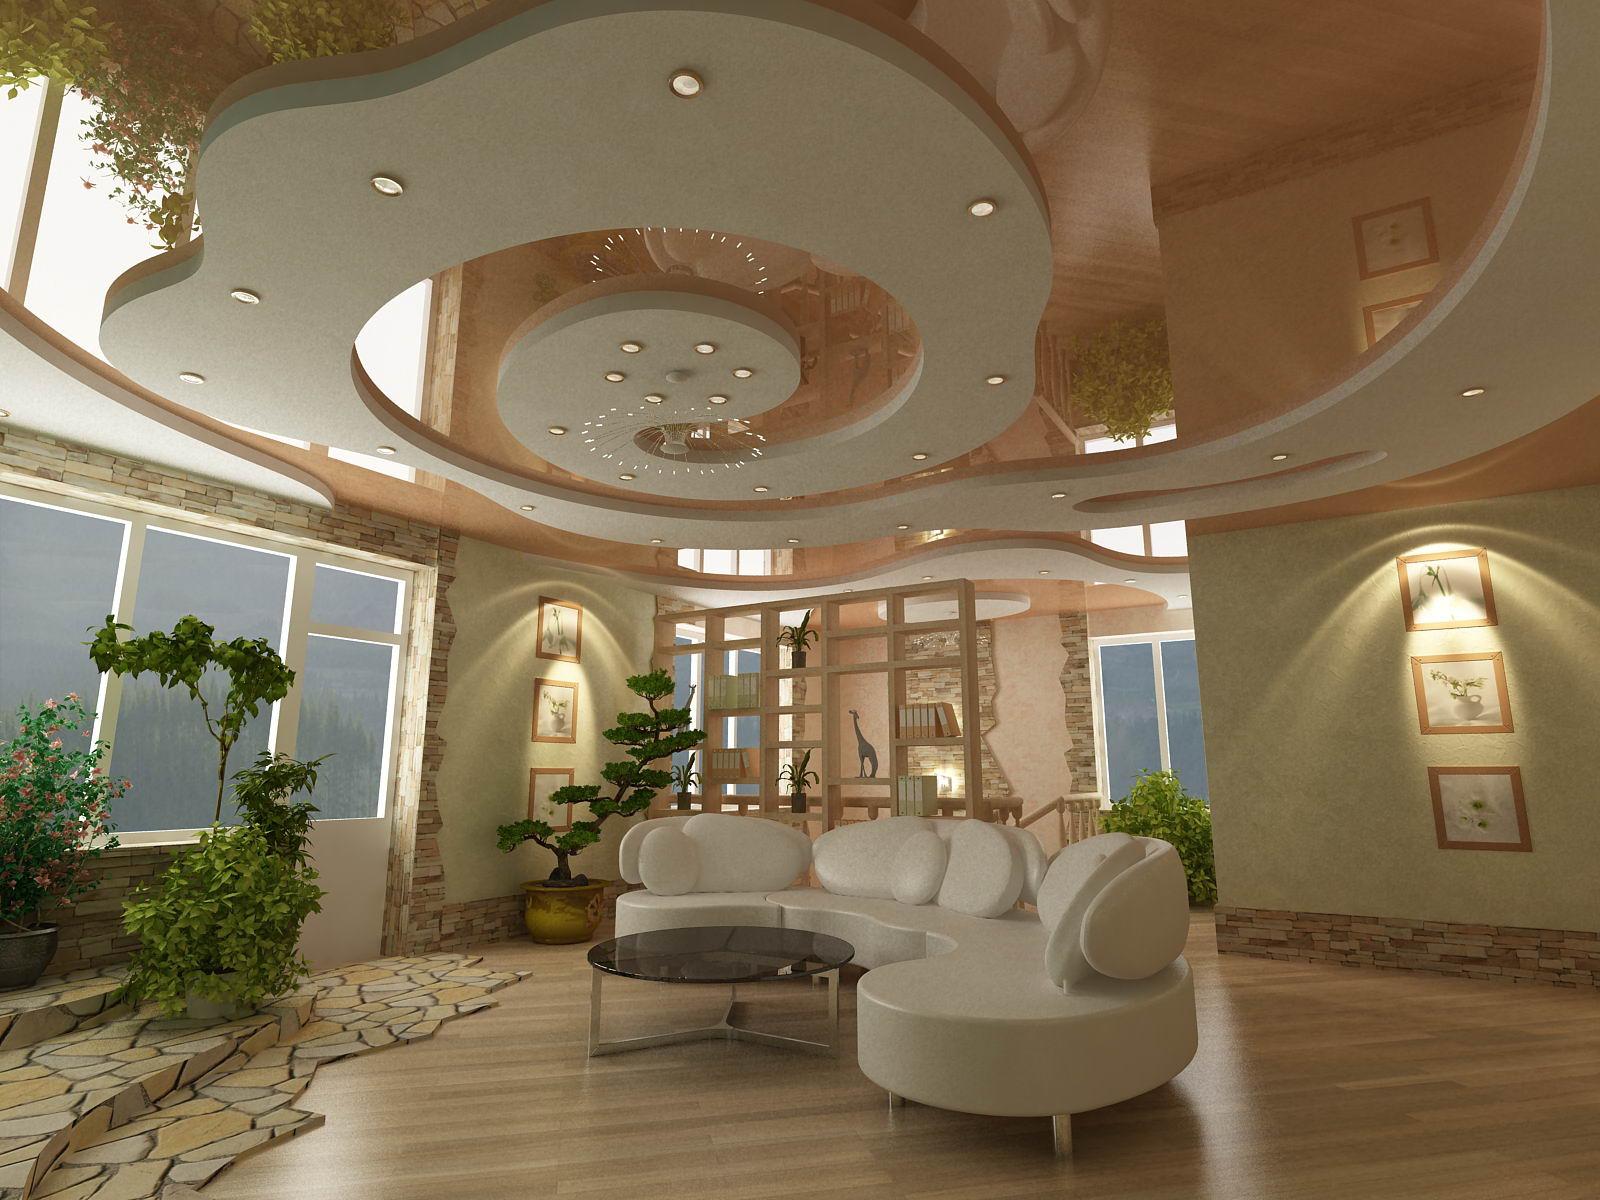 Дизайн интерьера холла 2-х этажного коттеджа от Алексея Сухова